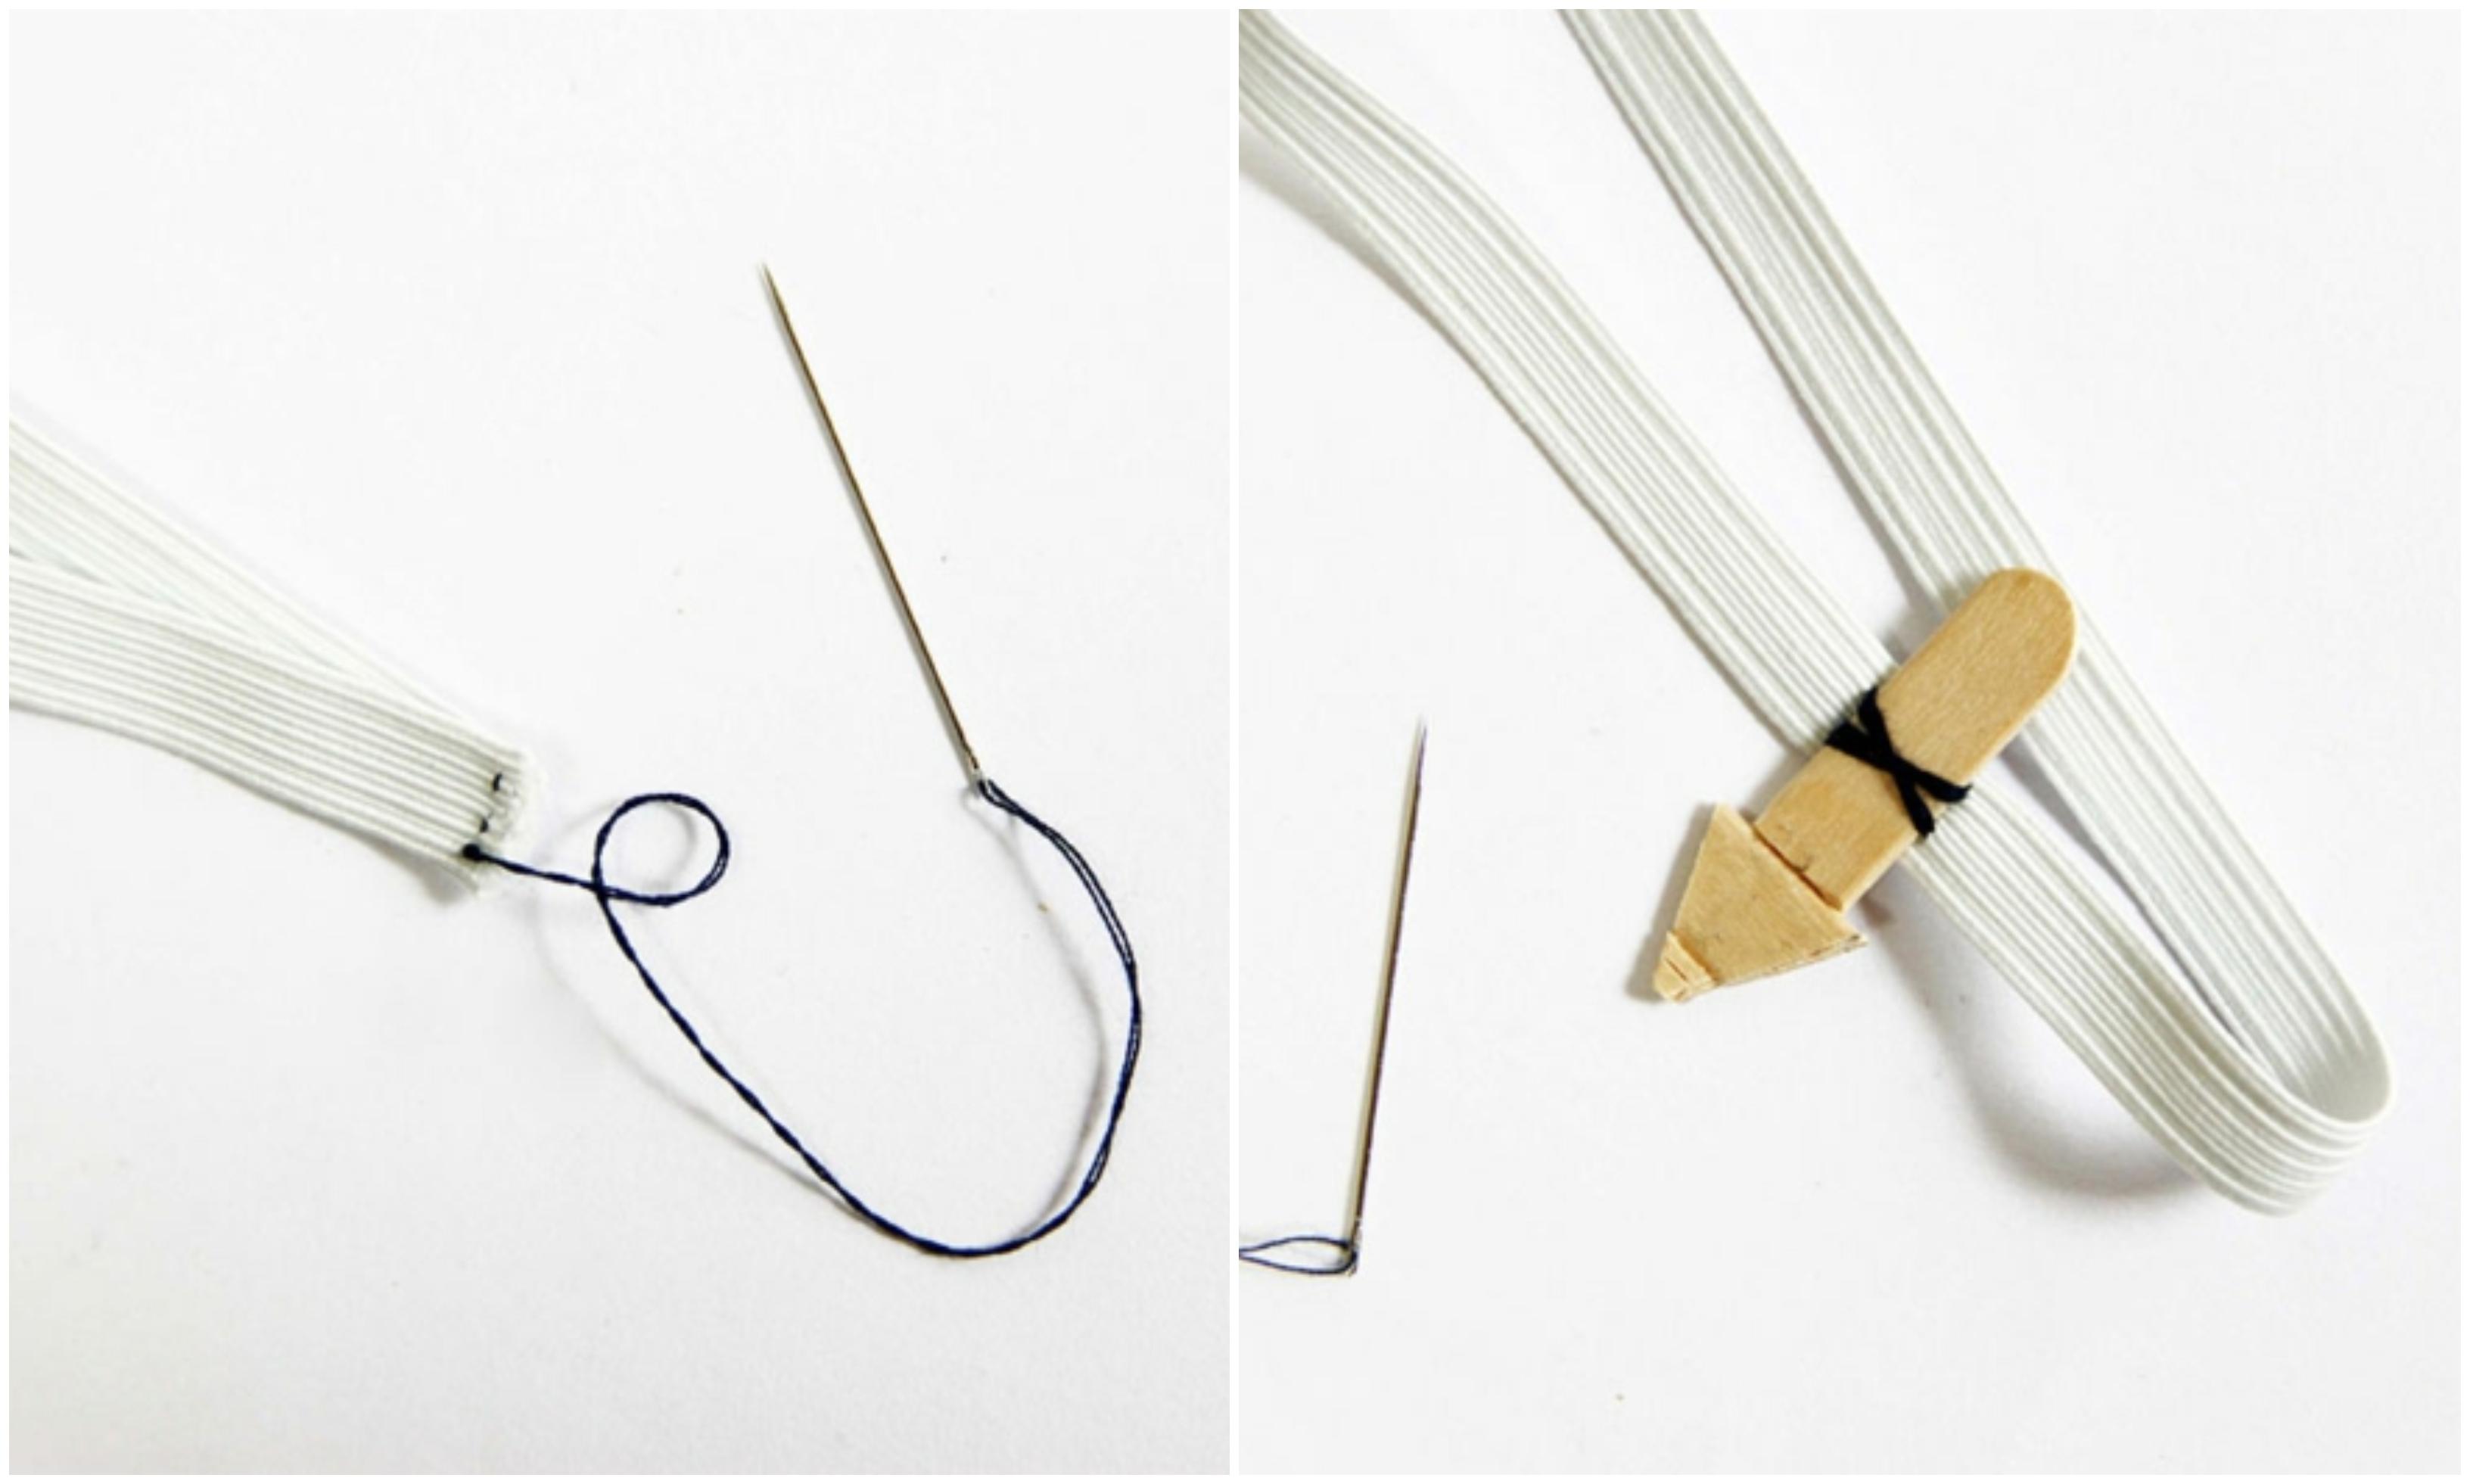 manualidades para regalar con materiales reciclados, como hacer marcarpaginas de palitos de helado